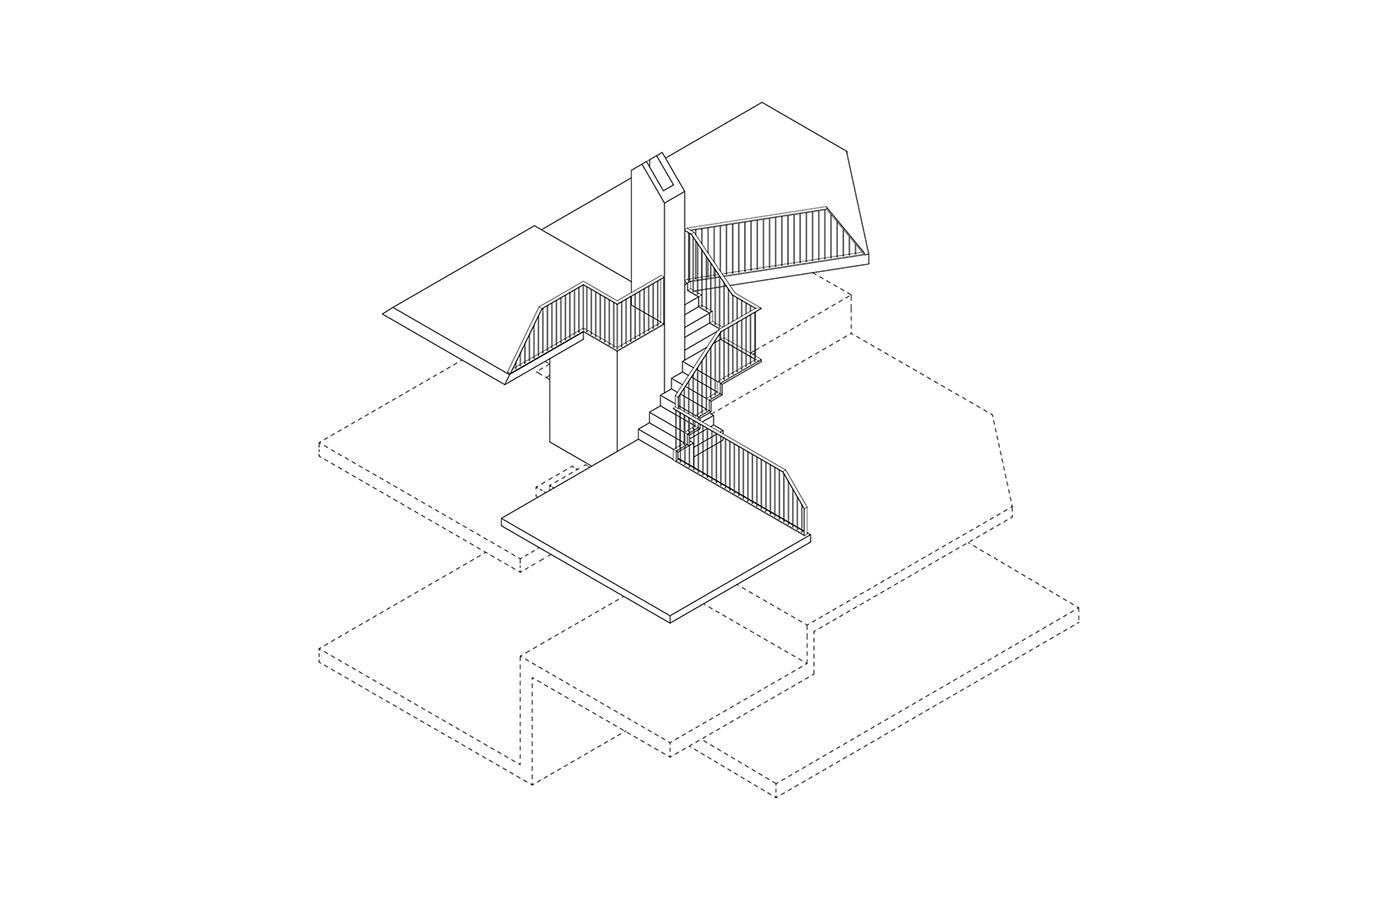 140829-interior-platforms-axo-final.jpg